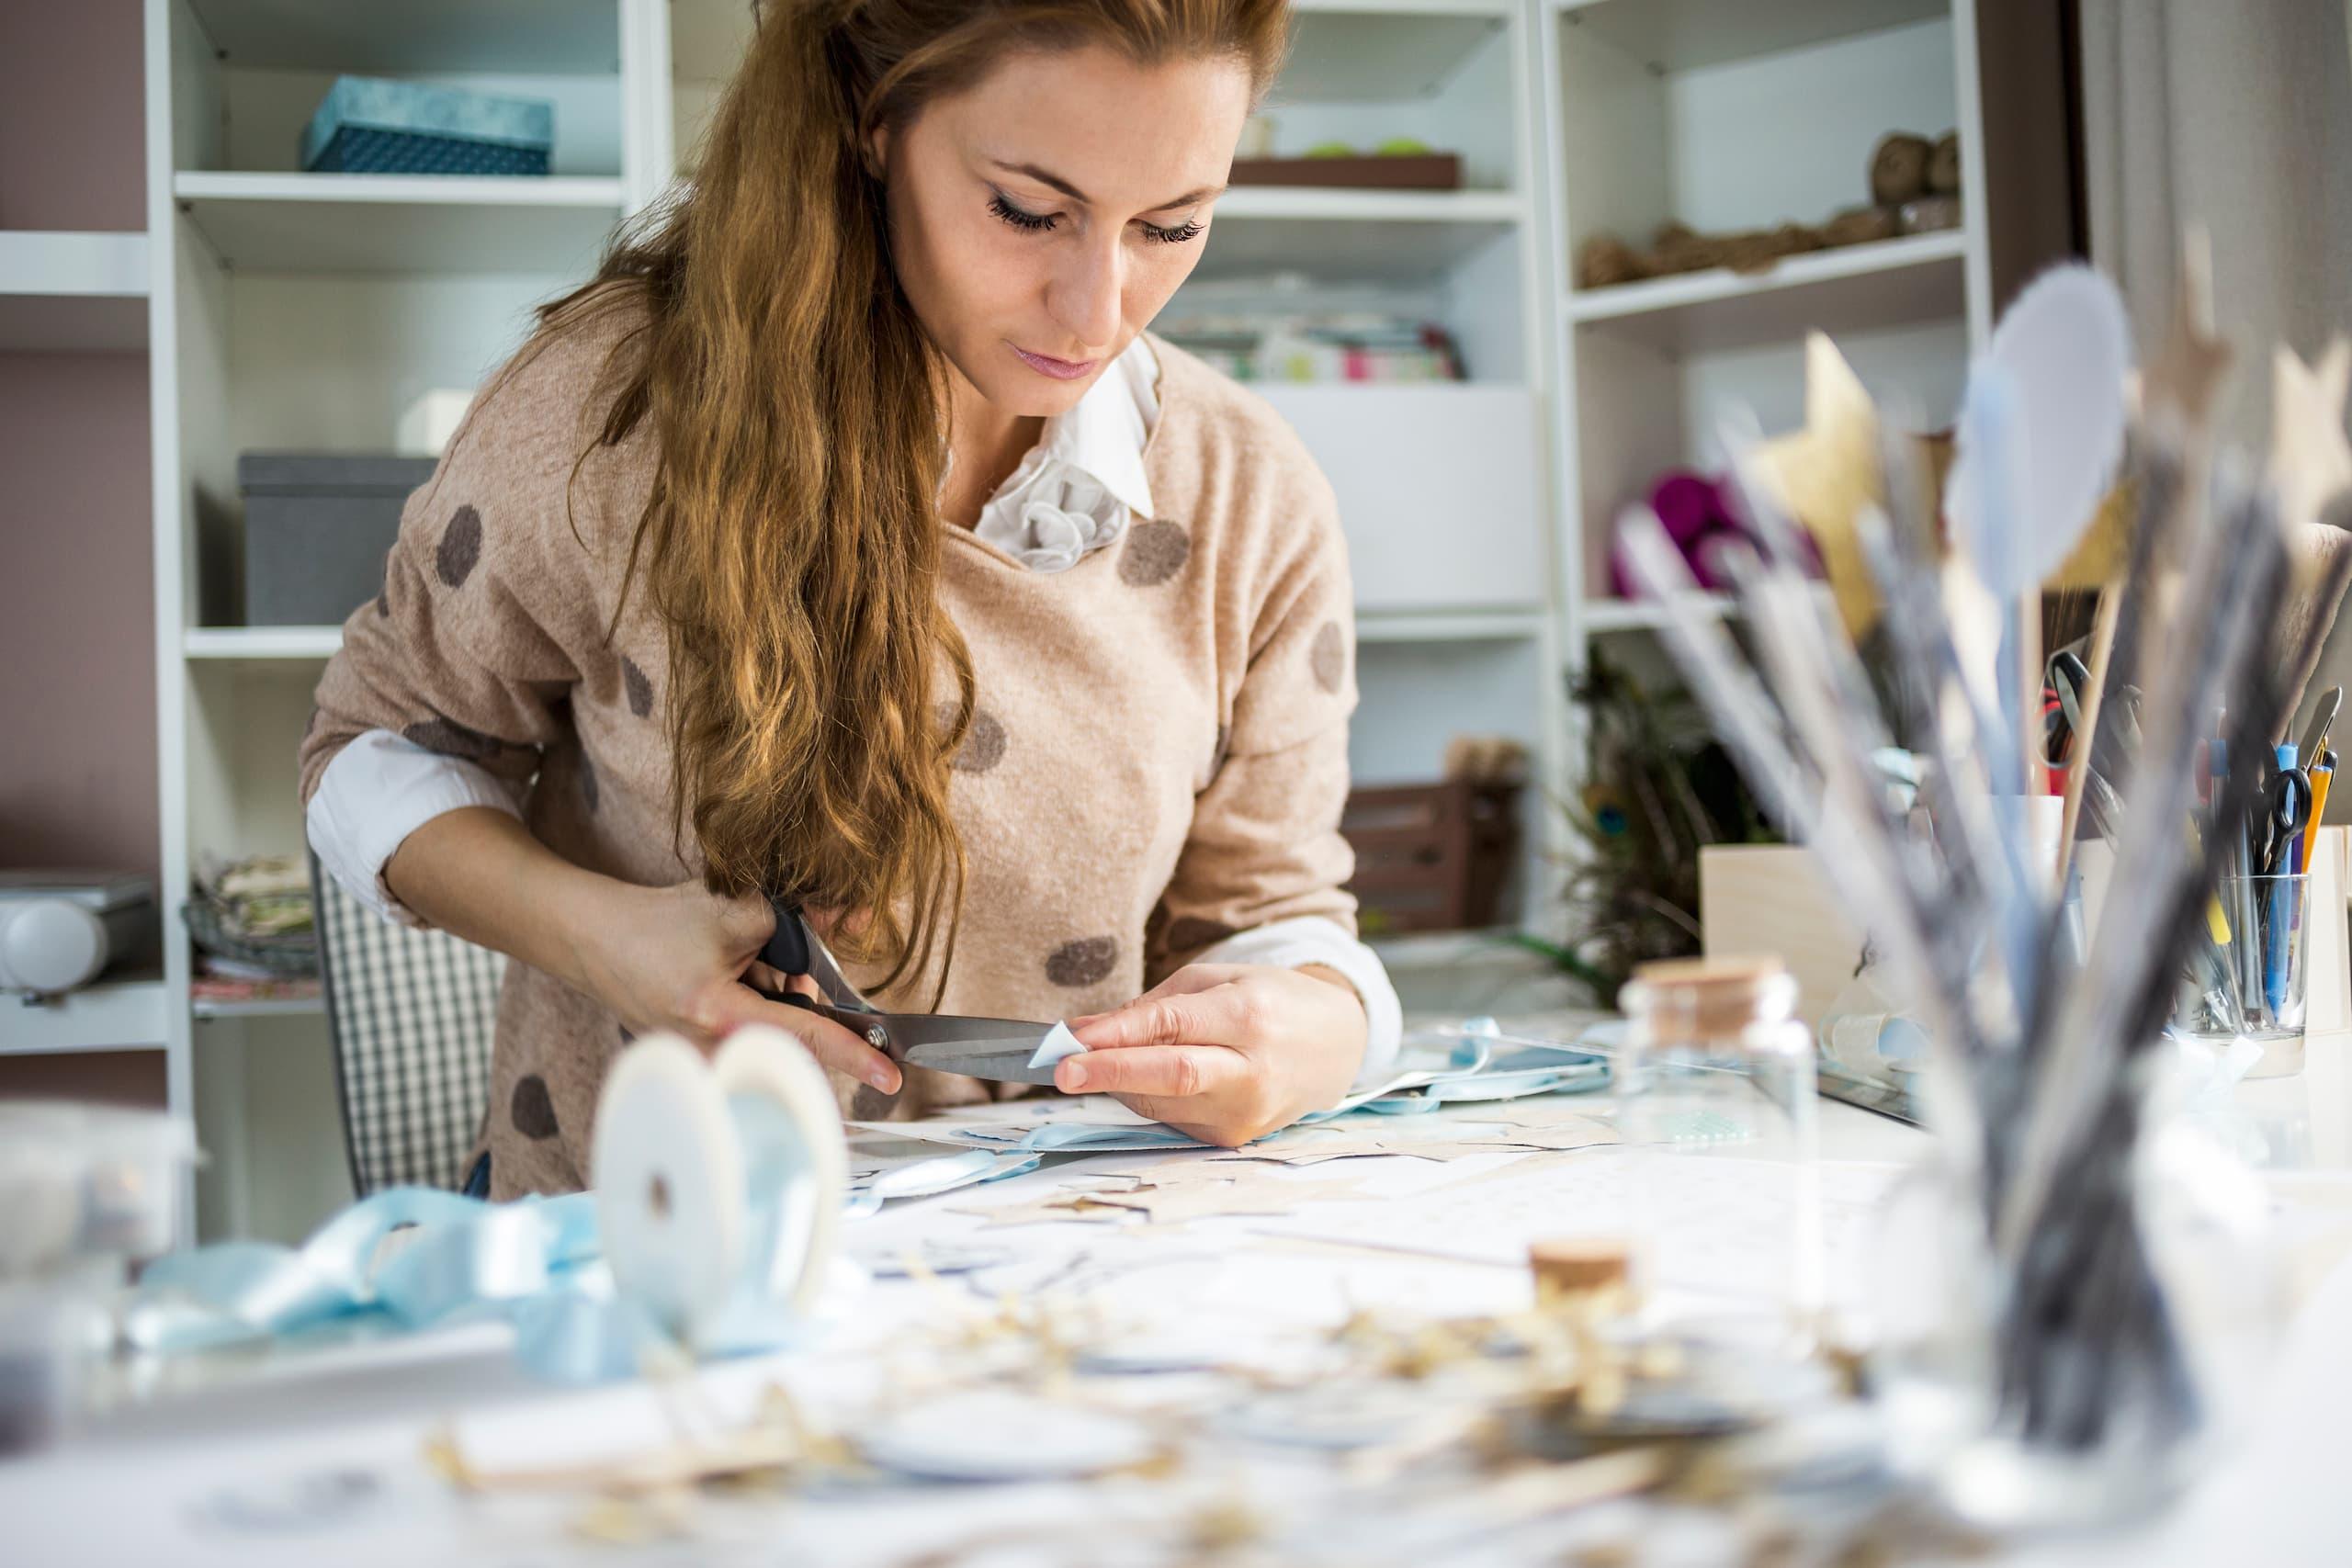 Woman creating a DIY desk organizer